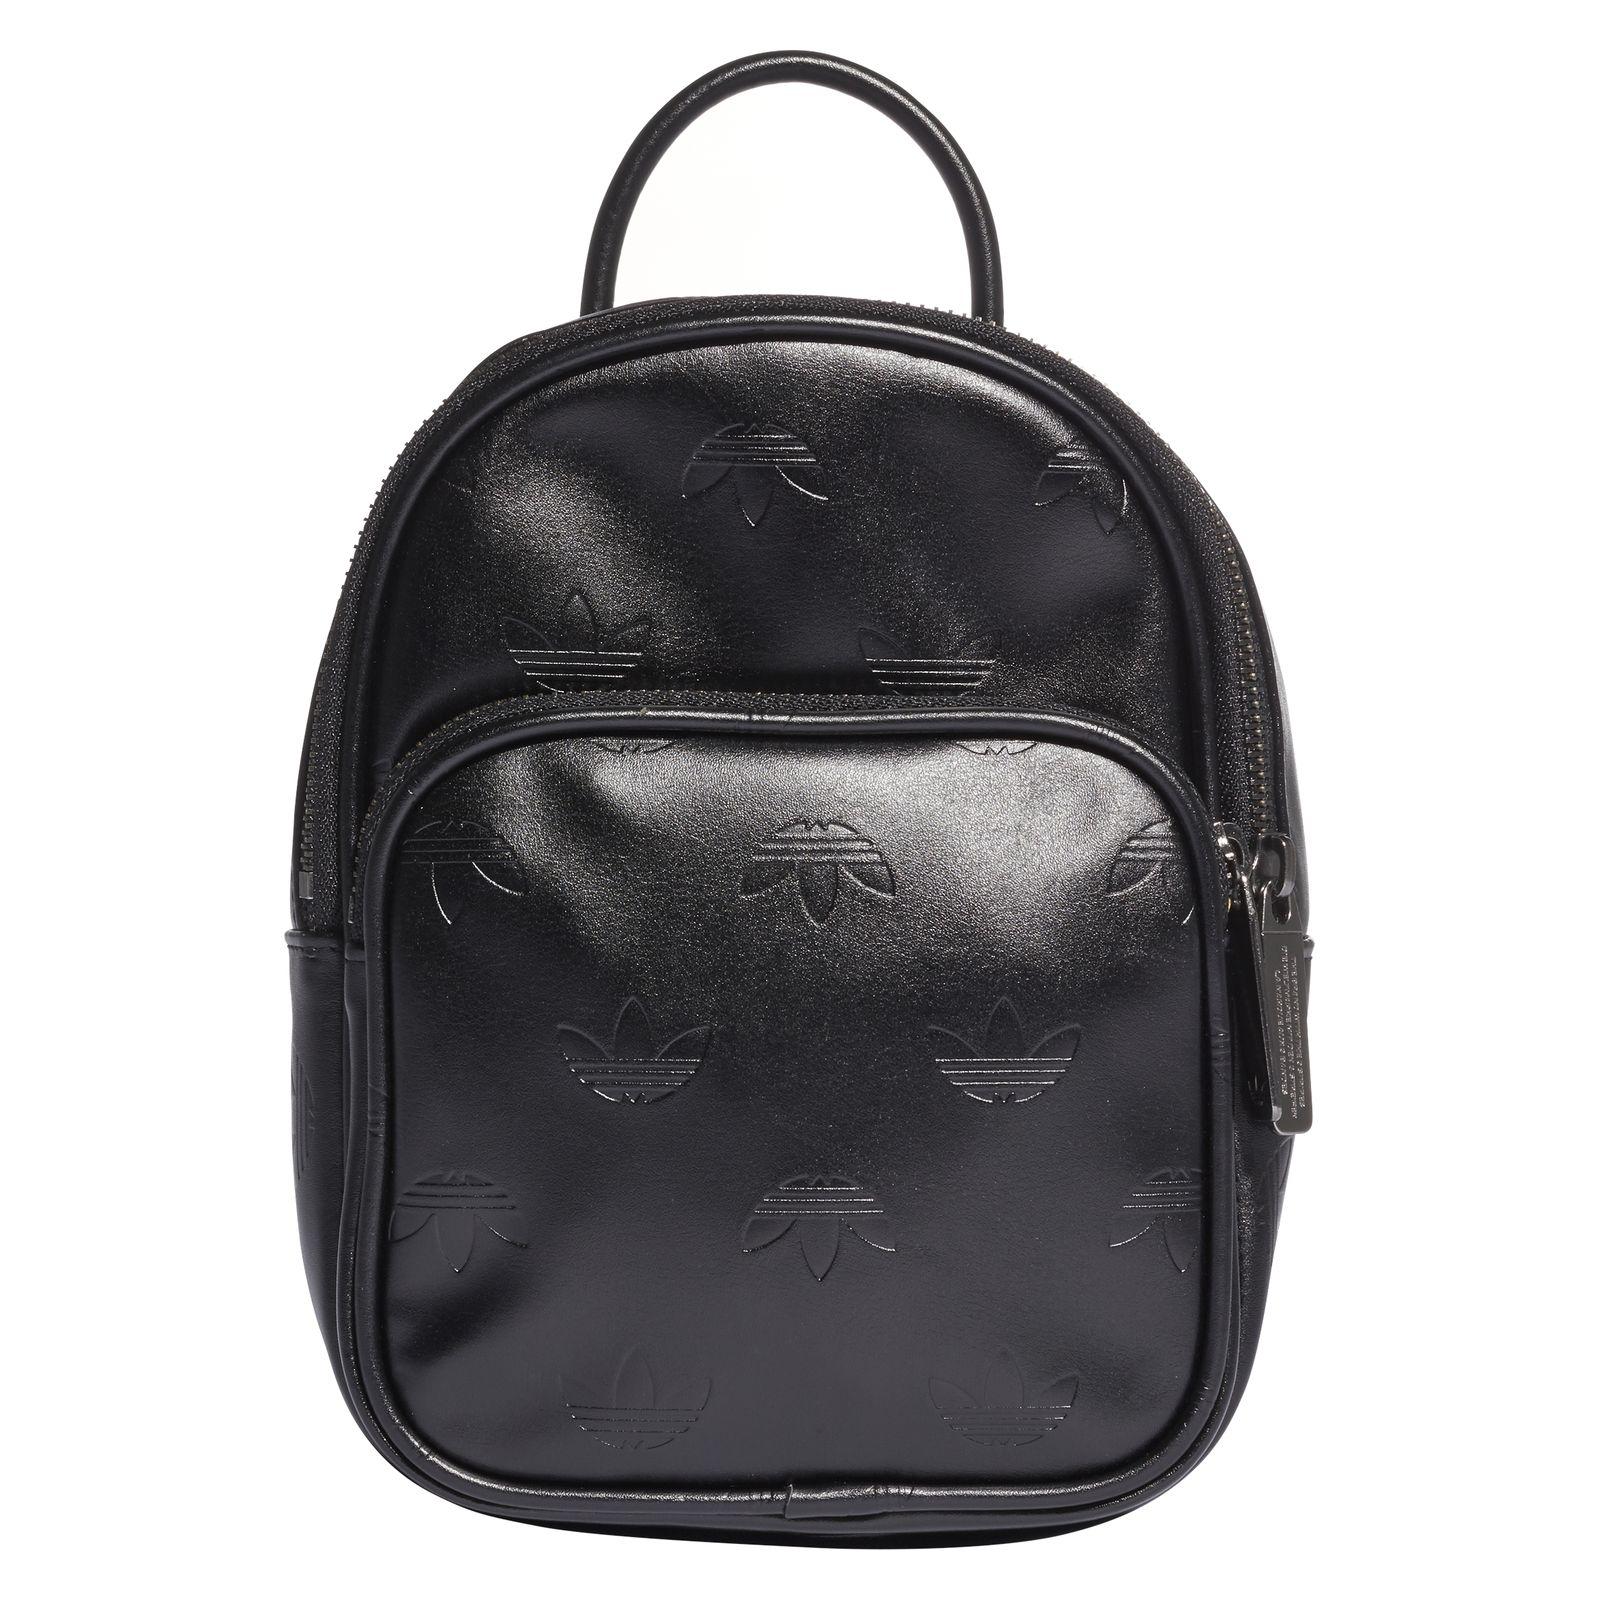 online de vânzare secțiune specială secțiune specială Rucsac Adidas Ac Bp Cl X Mini DV0195 Femei Negru Marime universala - eMAG.ro